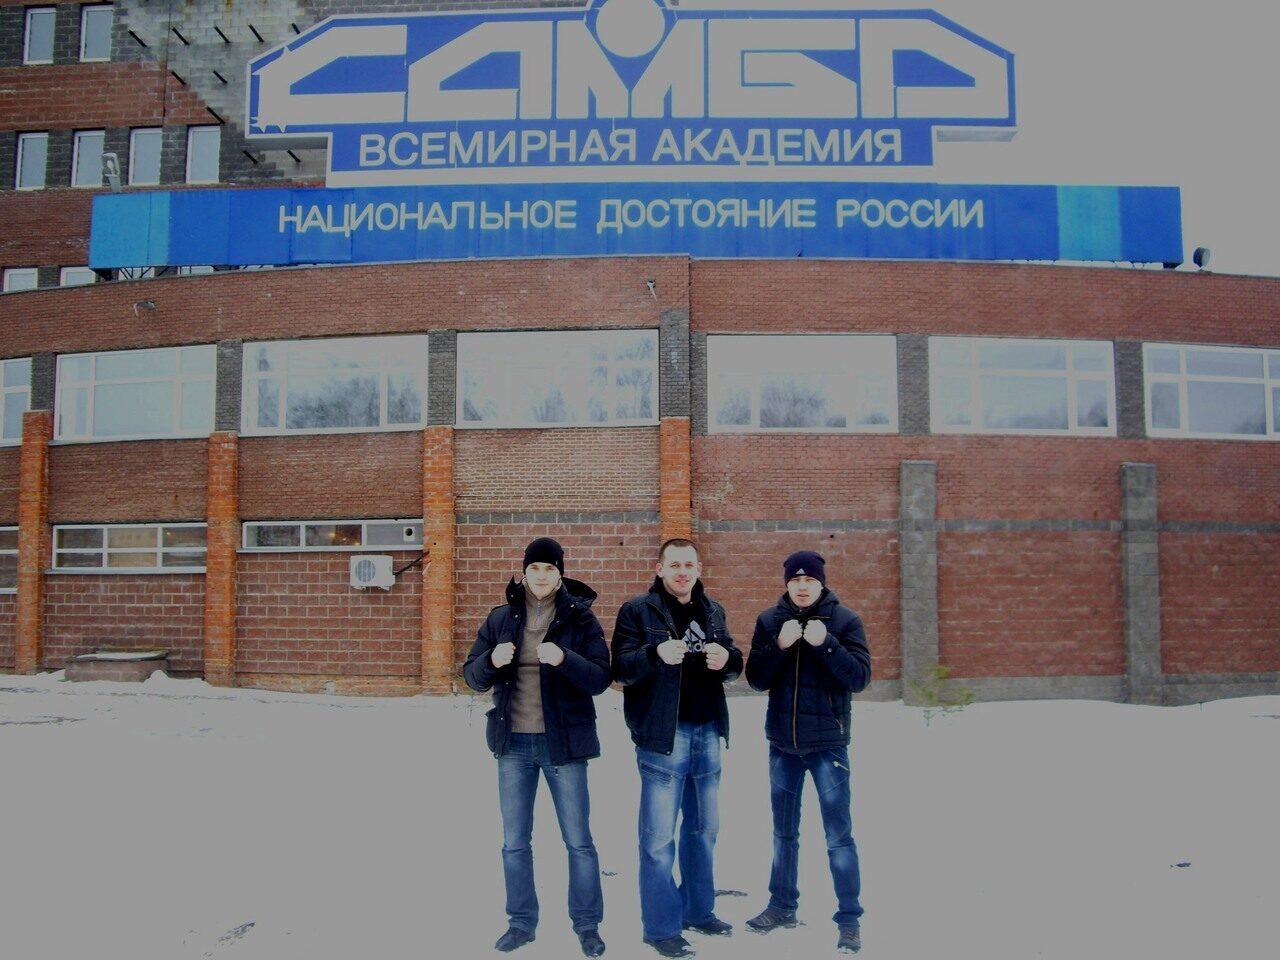 Фото отеля , kstovo recreation center / кстово центр отдыха , рыбинск (ярославская область), россия